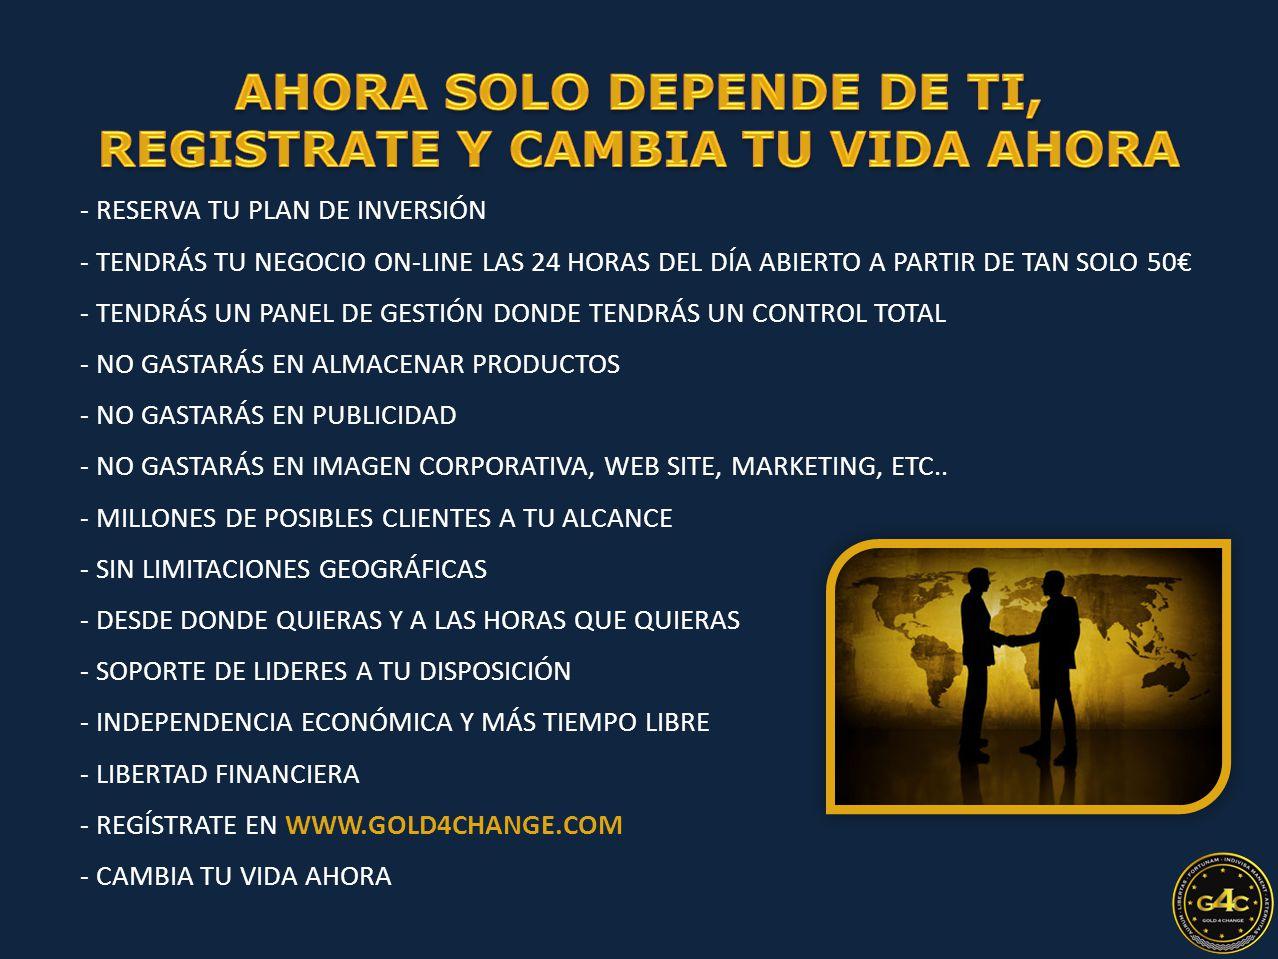 - RESERVA TU PLAN DE INVERSIÓN - TENDRÁS TU NEGOCIO ON-LINE LAS 24 HORAS DEL DÍA ABIERTO A PARTIR DE TAN SOLO 50€ - TENDRÁS UN PANEL DE GESTIÓN DONDE TENDRÁS UN CONTROL TOTAL - NO GASTARÁS EN ALMACENAR PRODUCTOS - NO GASTARÁS EN PUBLICIDAD - NO GASTARÁS EN IMAGEN CORPORATIVA, WEB SITE, MARKETING, ETC..